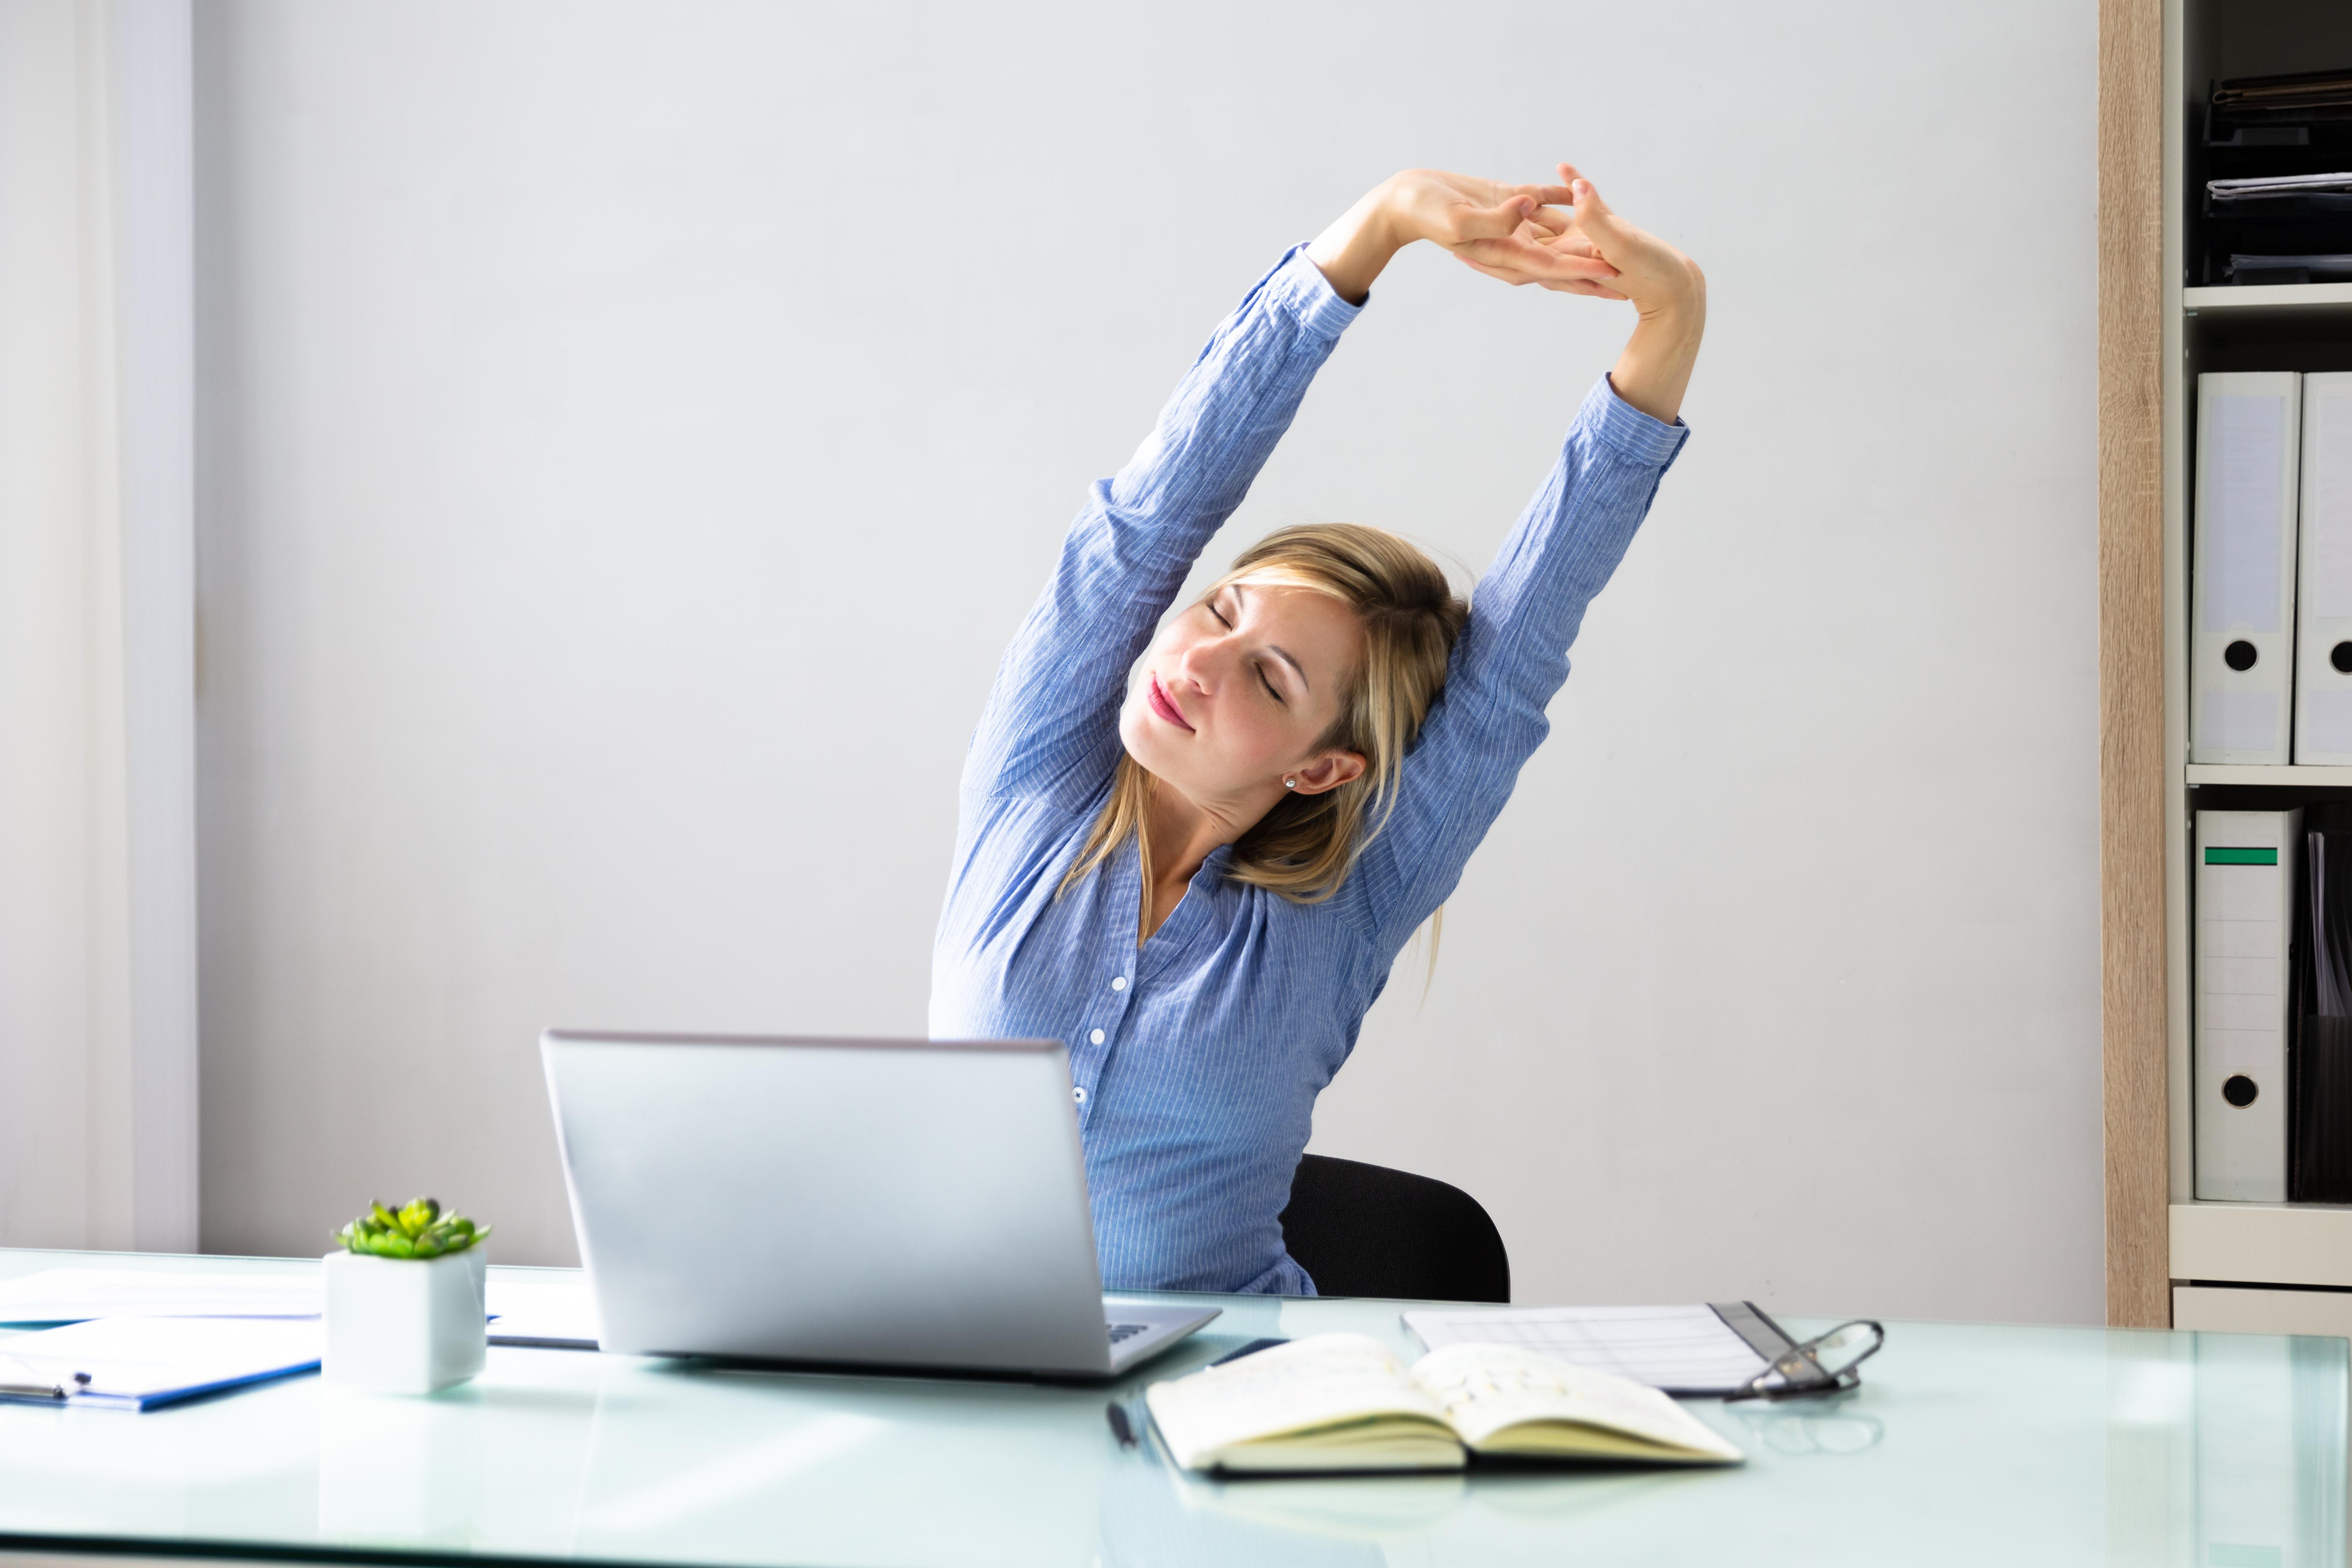 """Прекарвайте повече време в изправено положение Ако работите в офис, гледайте да устоявате на порива да прекарате деня си в седнало положение. По възможност инвестирайте в """"изправено бюро"""". Ако работата ви не го позволява, ставайте по-често и се разхождайте, за да поддържате физическата си активност. Човек изгаря средно 2,6 калории за минута в седнало положение и 3,3 калории в изправено. Това означава, че ако прекарате четири часа прави, ще изгорите допълнителни 168 калории."""